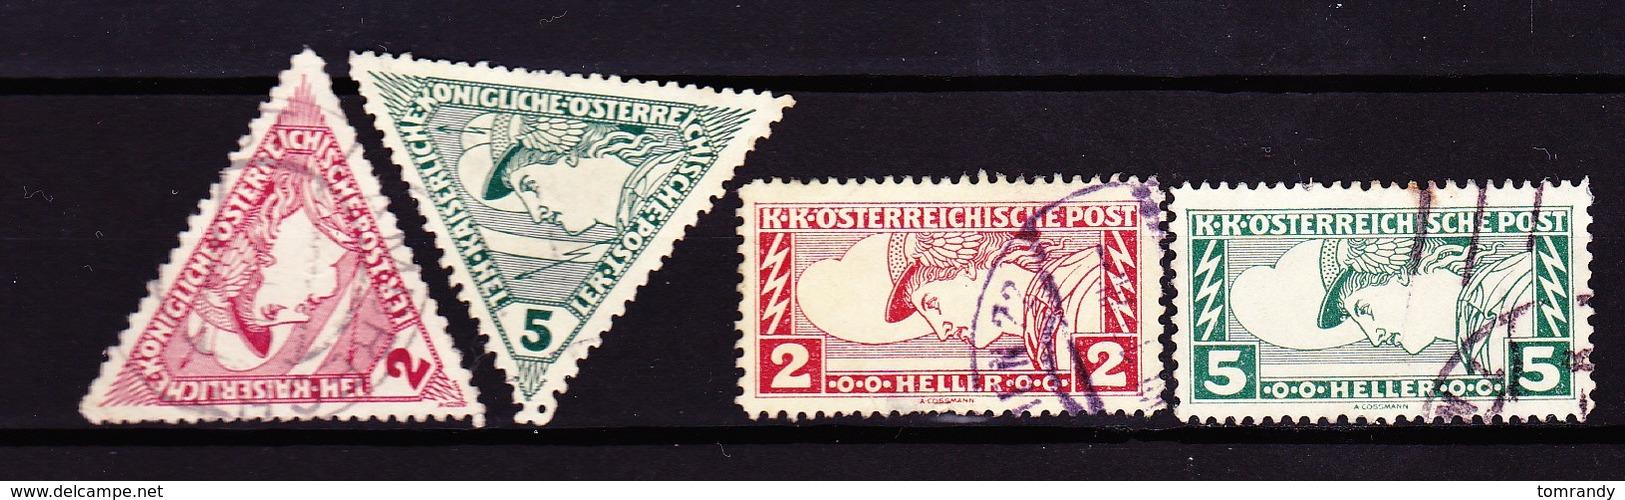 Österreich 1916/17, Eilmarken - Gebraucht